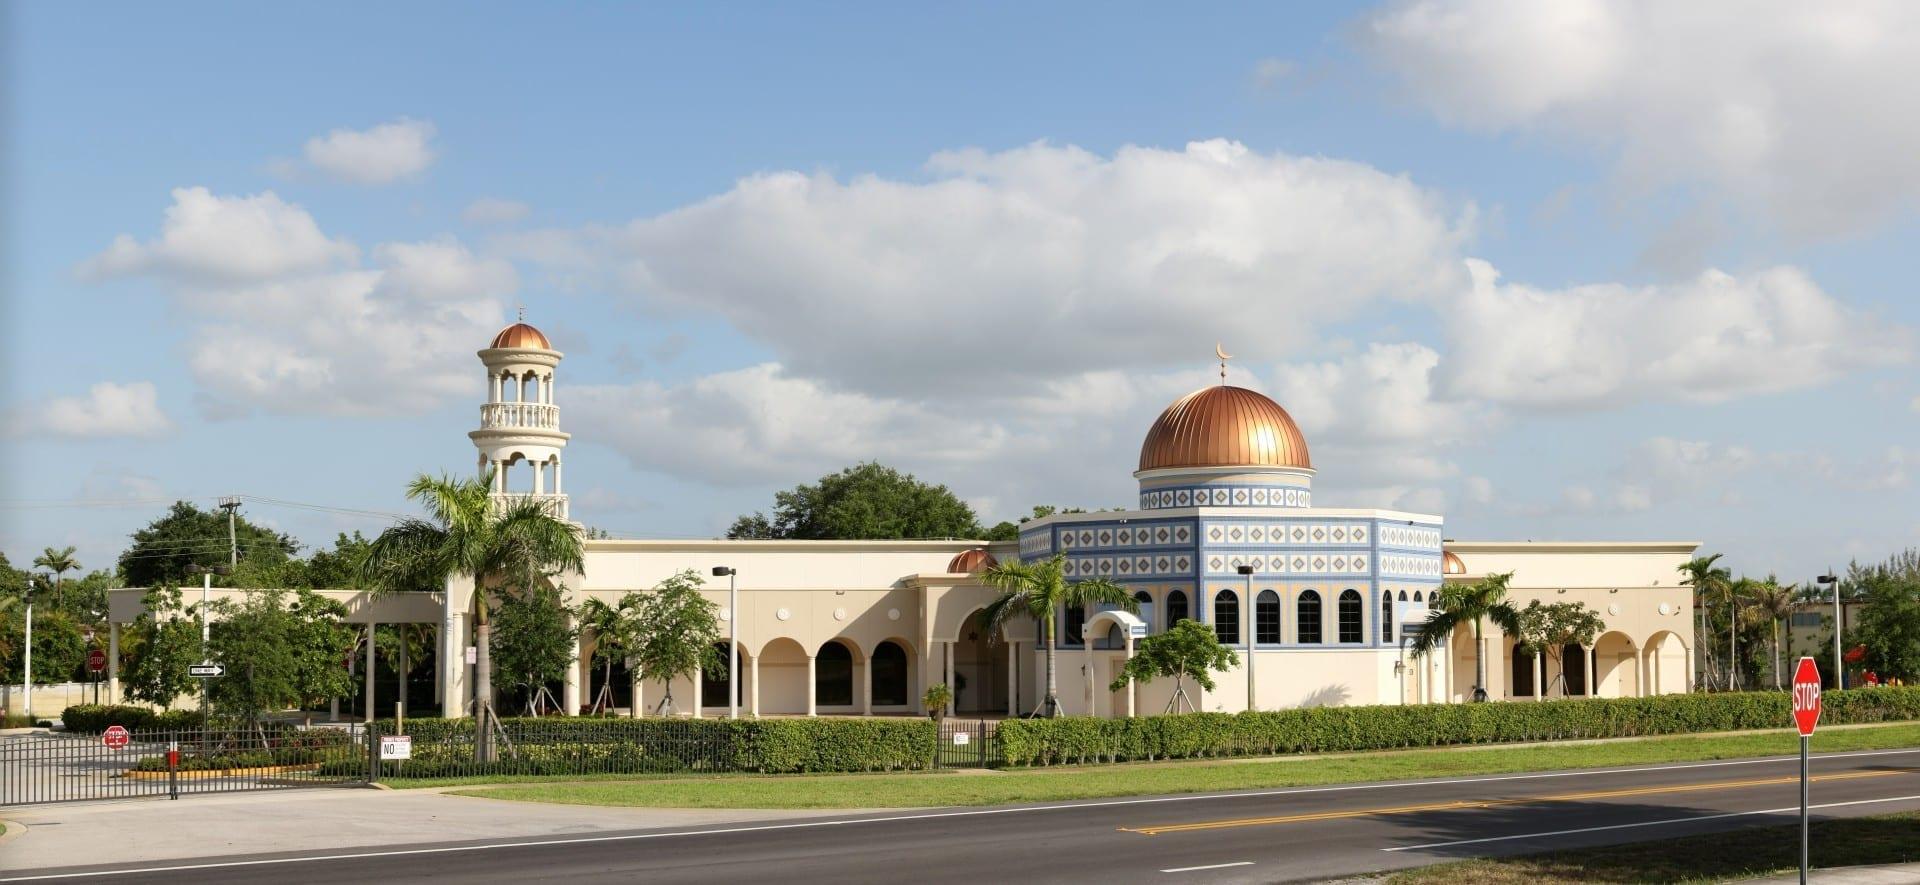 Aunque Boca Ratón es probablemente más conocida por su comunidad judía que por su comunidad musulmana, cuenta con el Centro Assalam, una hermosa mezquita insp... Boca Raton Estados Unidos